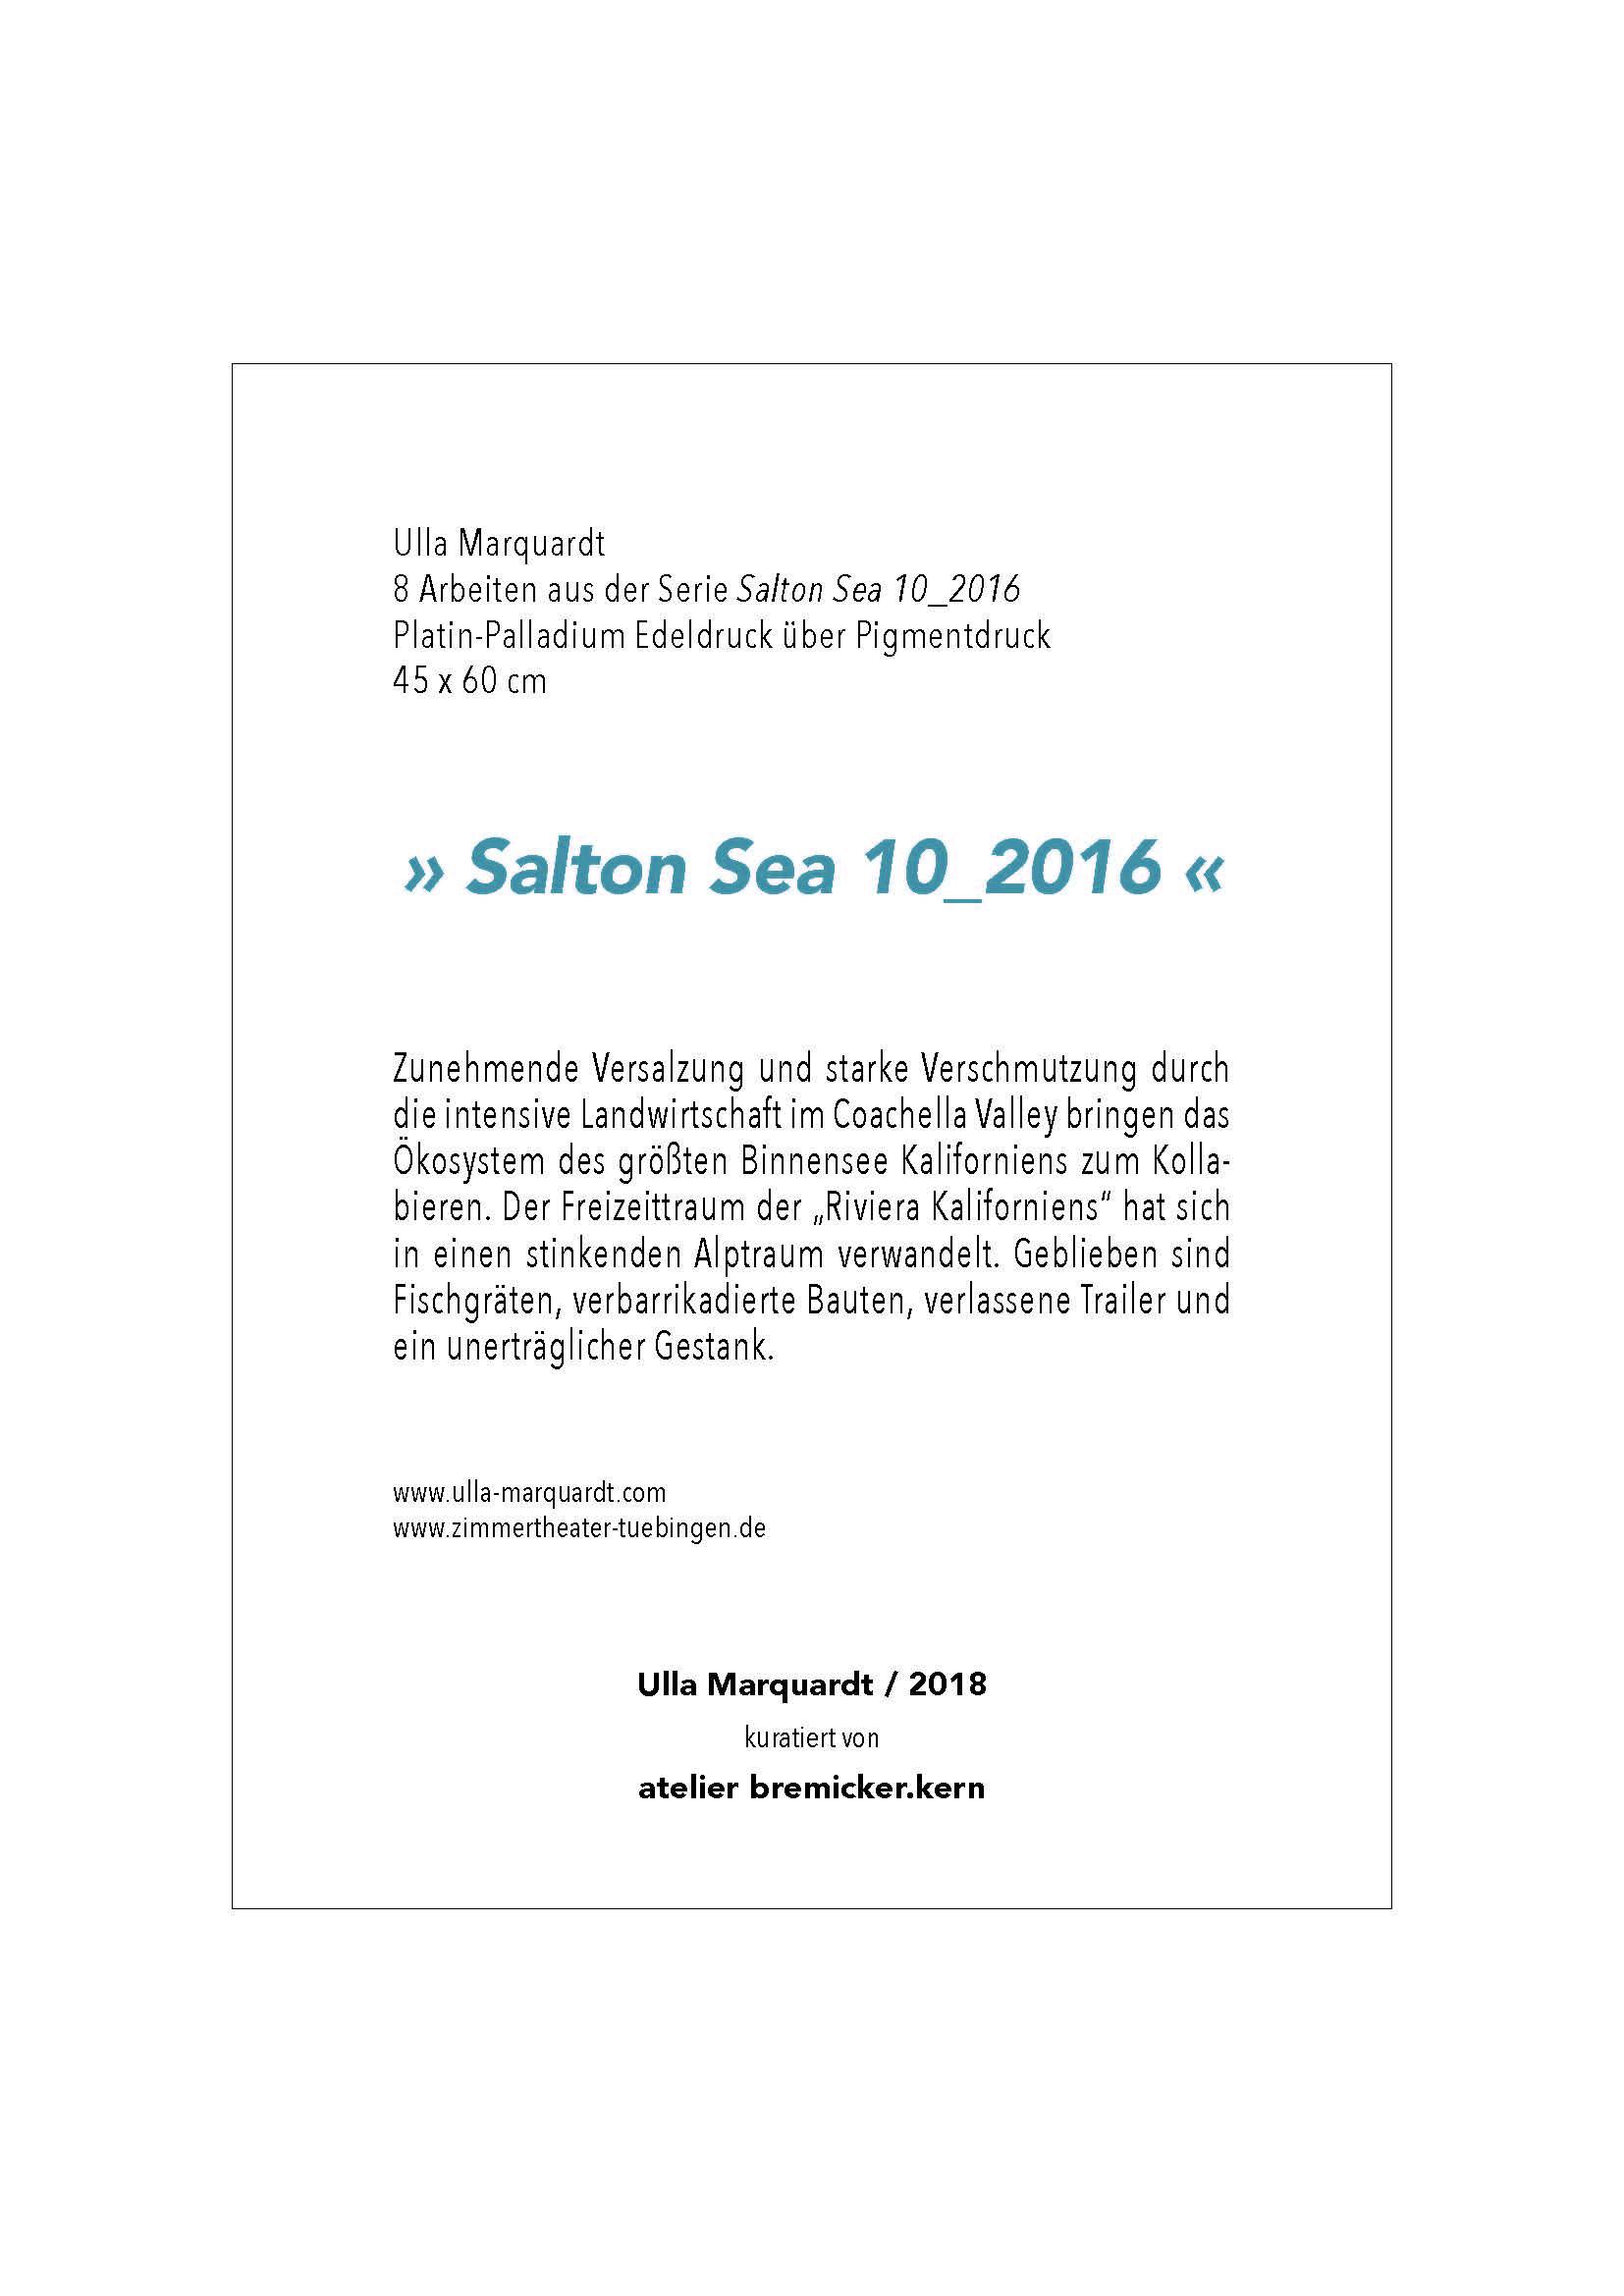 salton_sea_infoständer.jpg